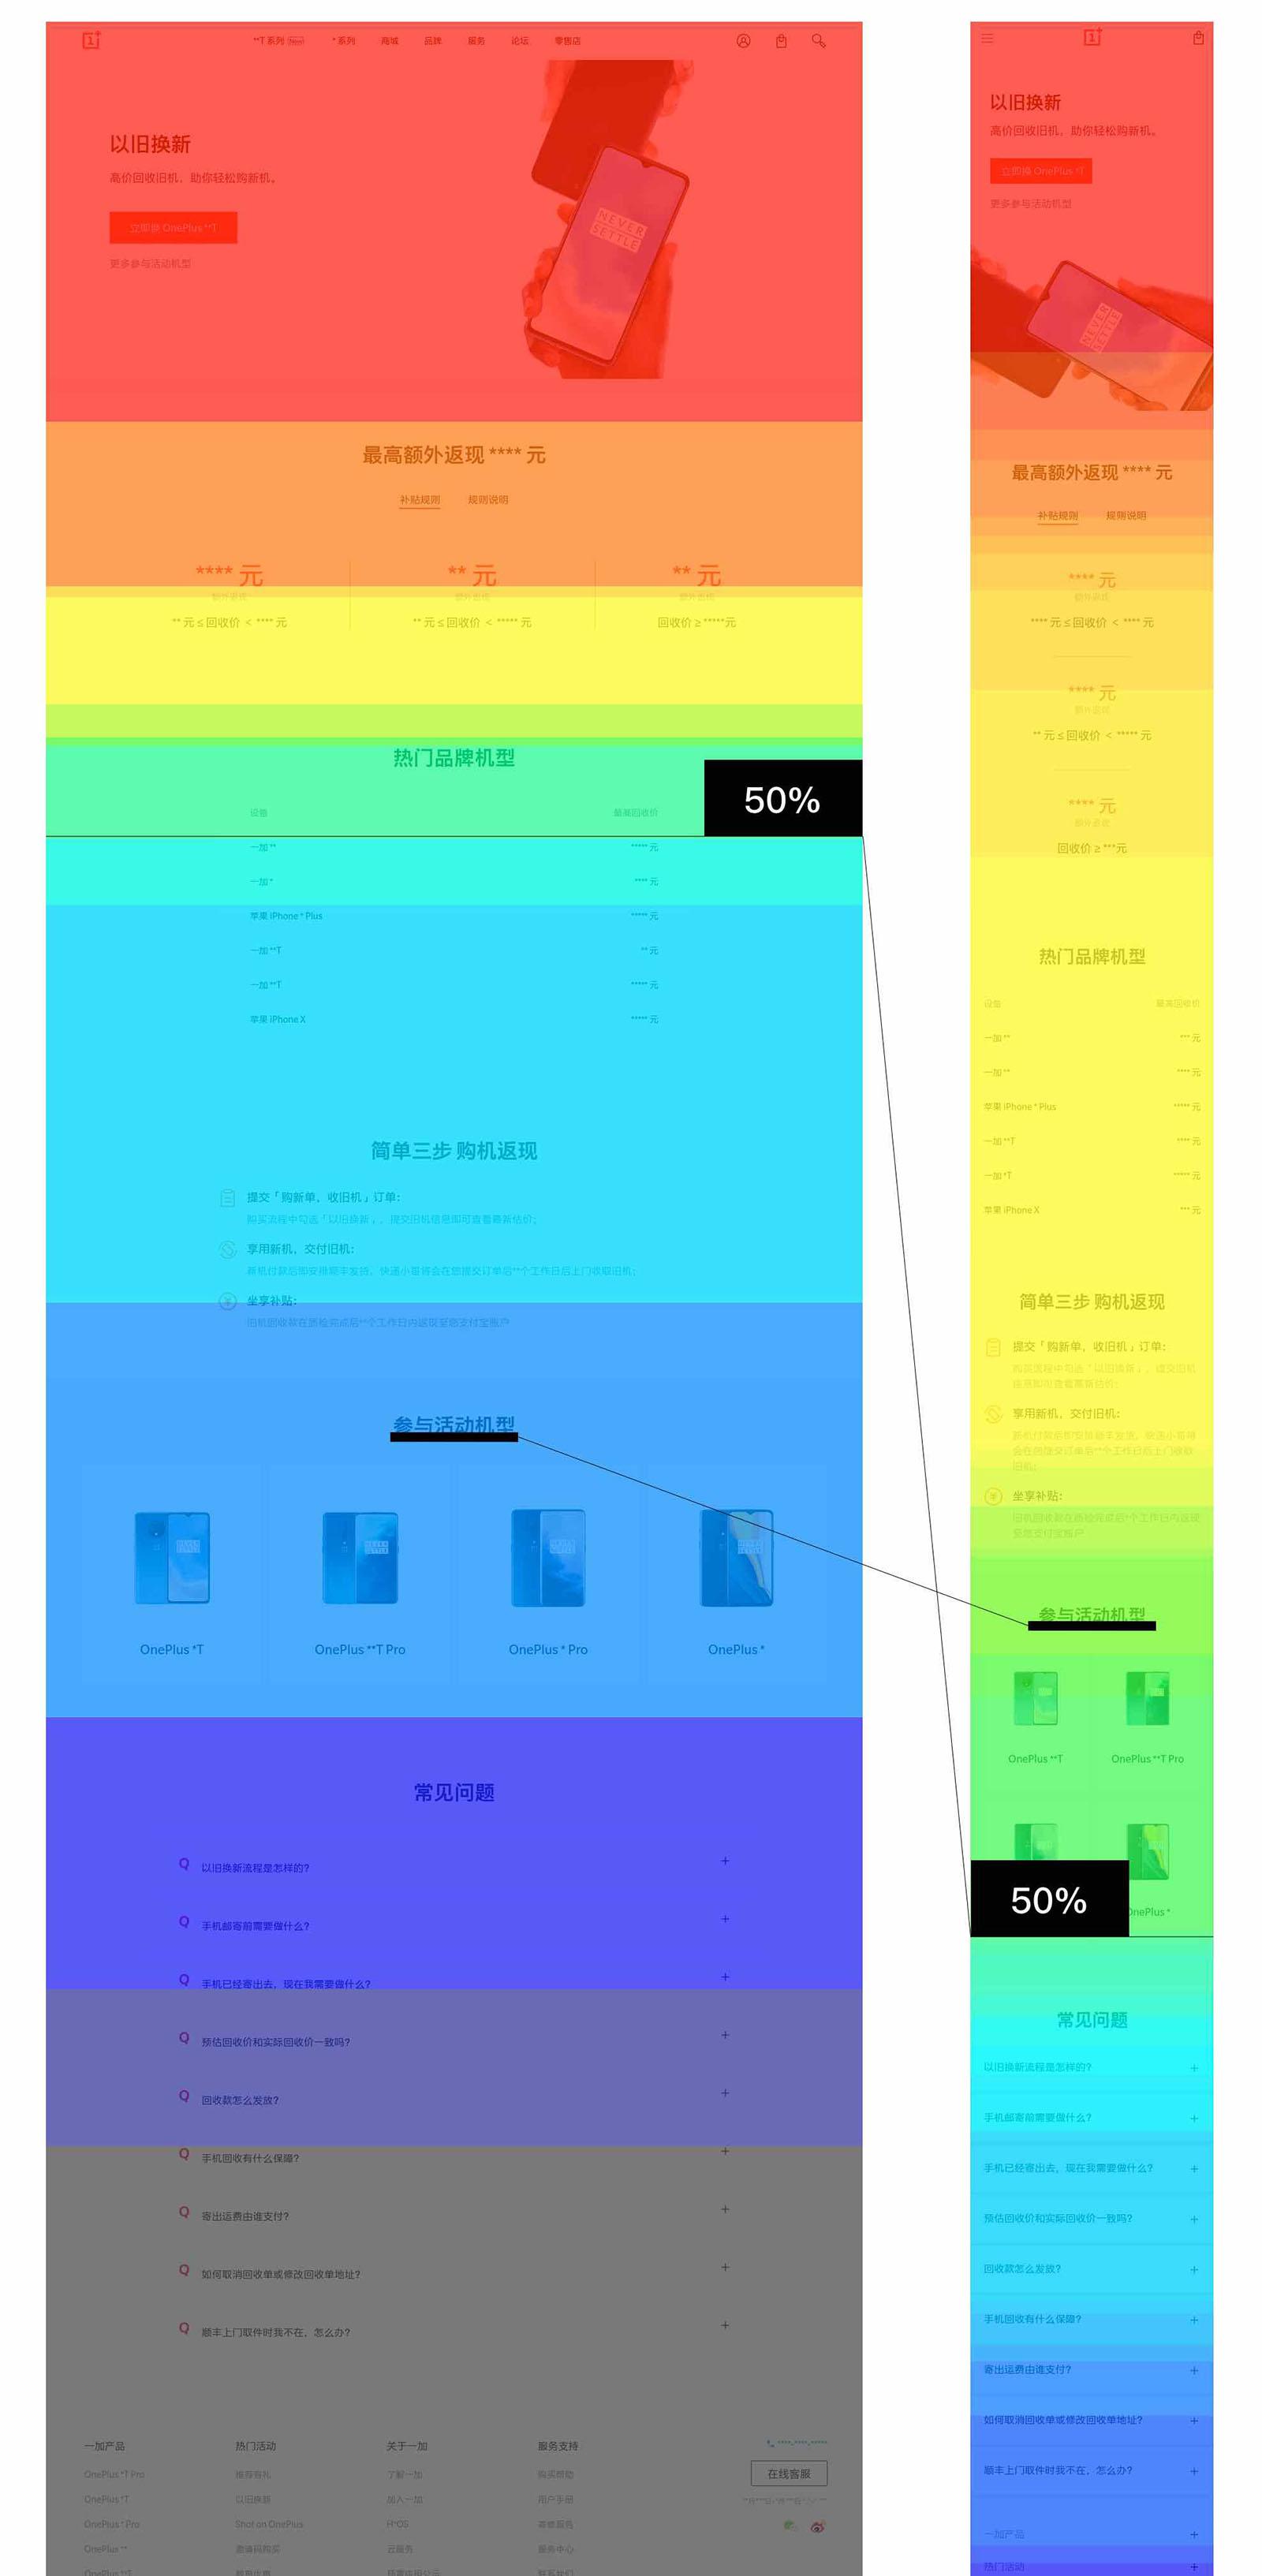 userresearch-scroll-3